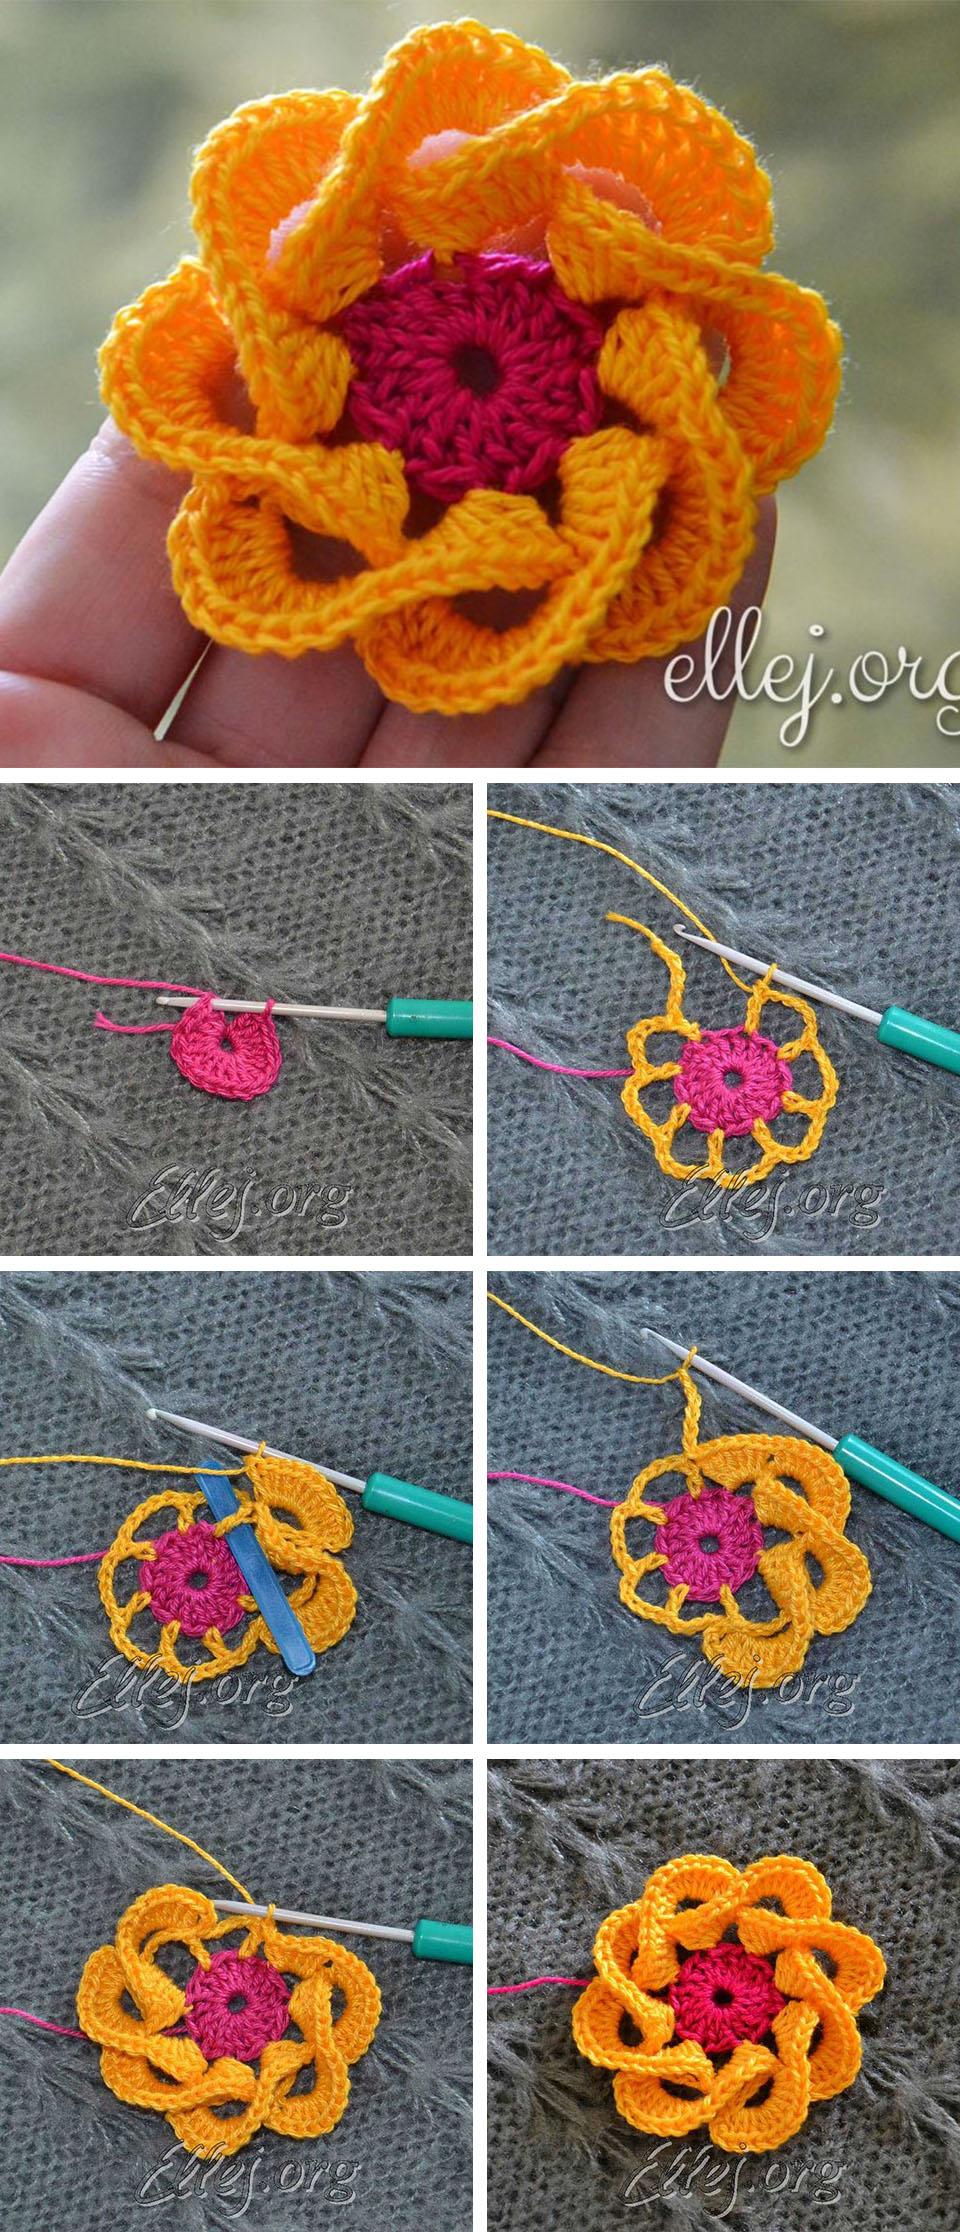 Multi Petals Crochet Flower Pattern Tutorial